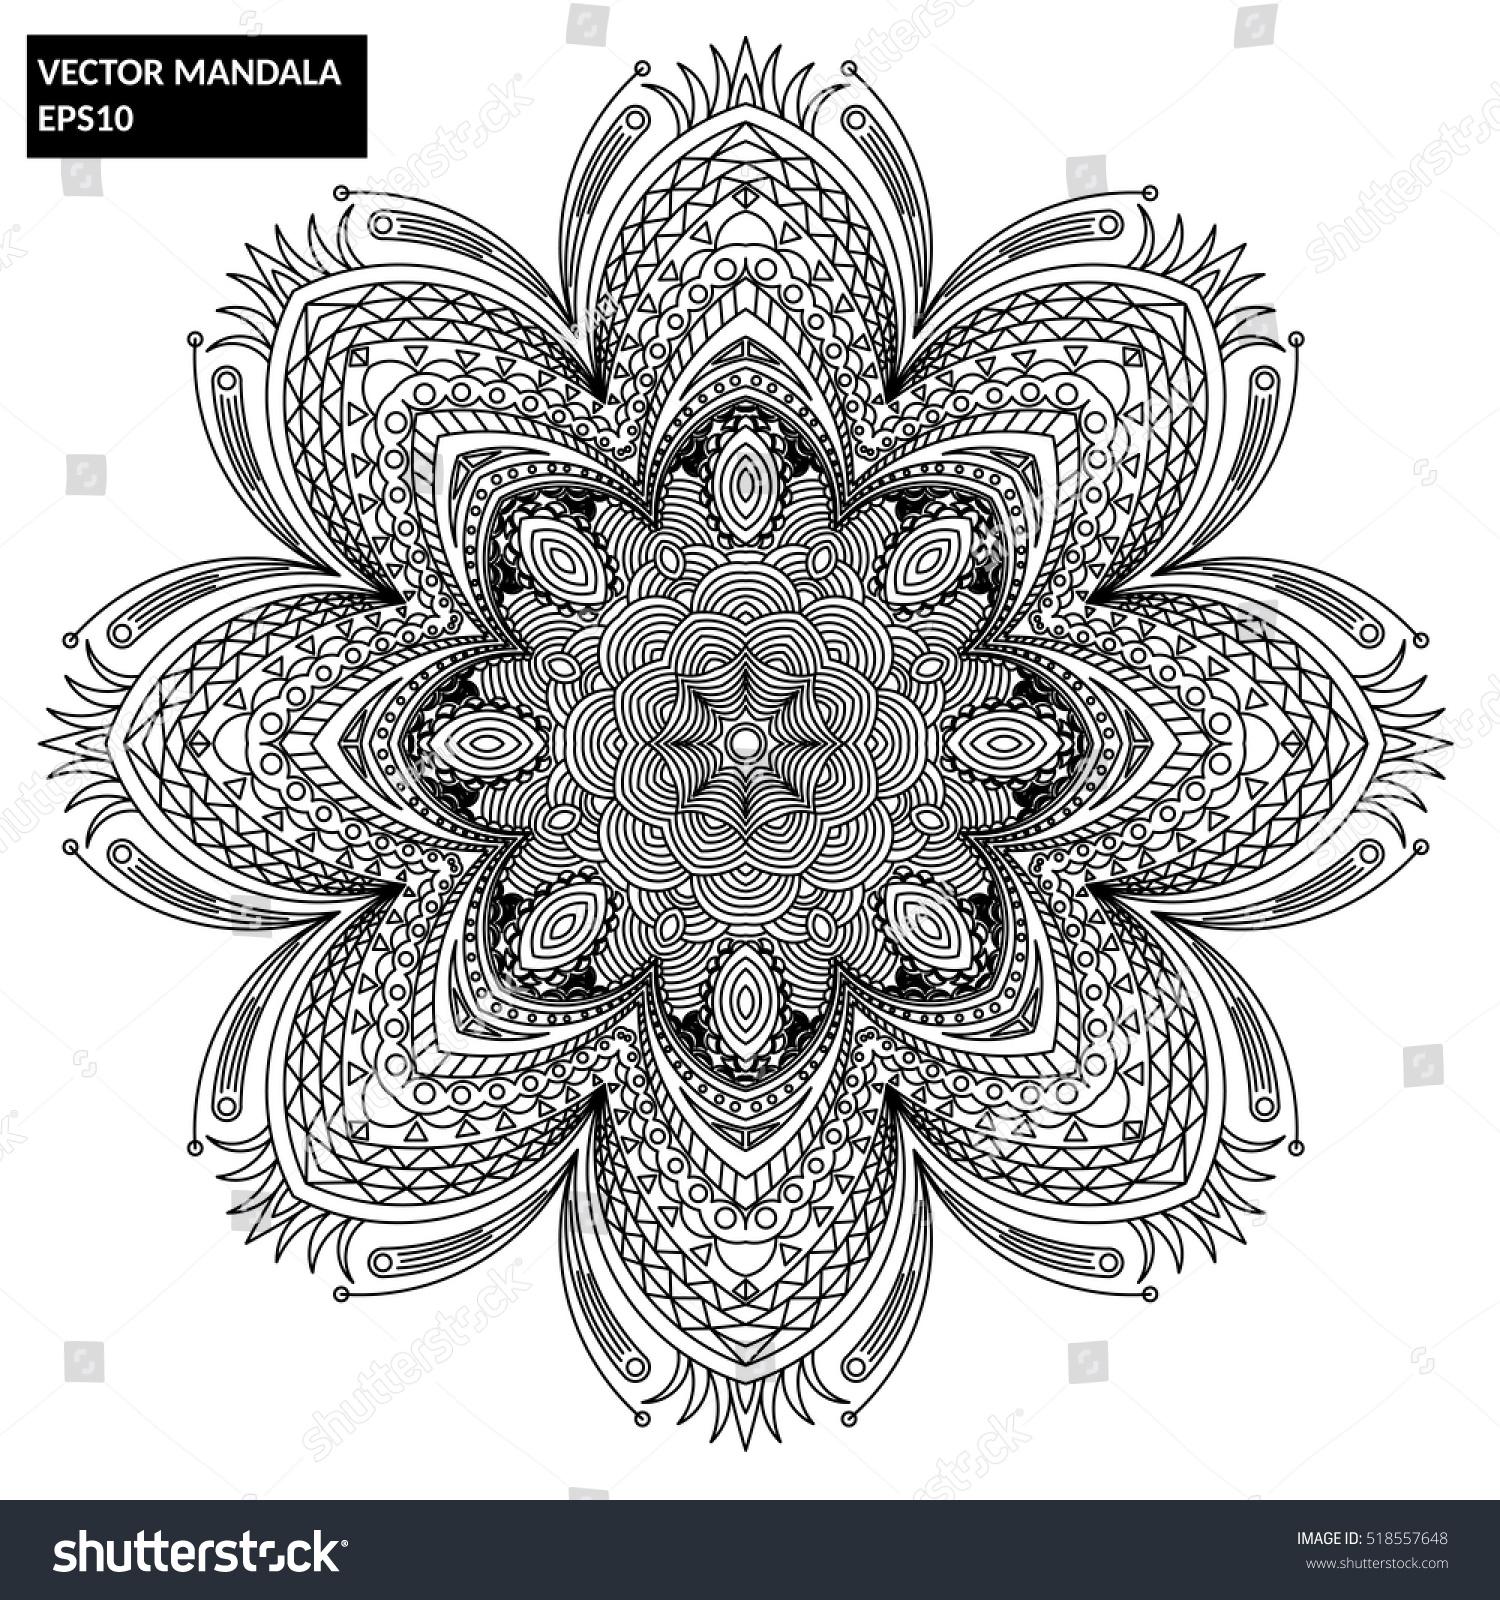 Ausgezeichnet Mandala Floral Bilder - Malvorlagen Von Tieren - ngadi ...